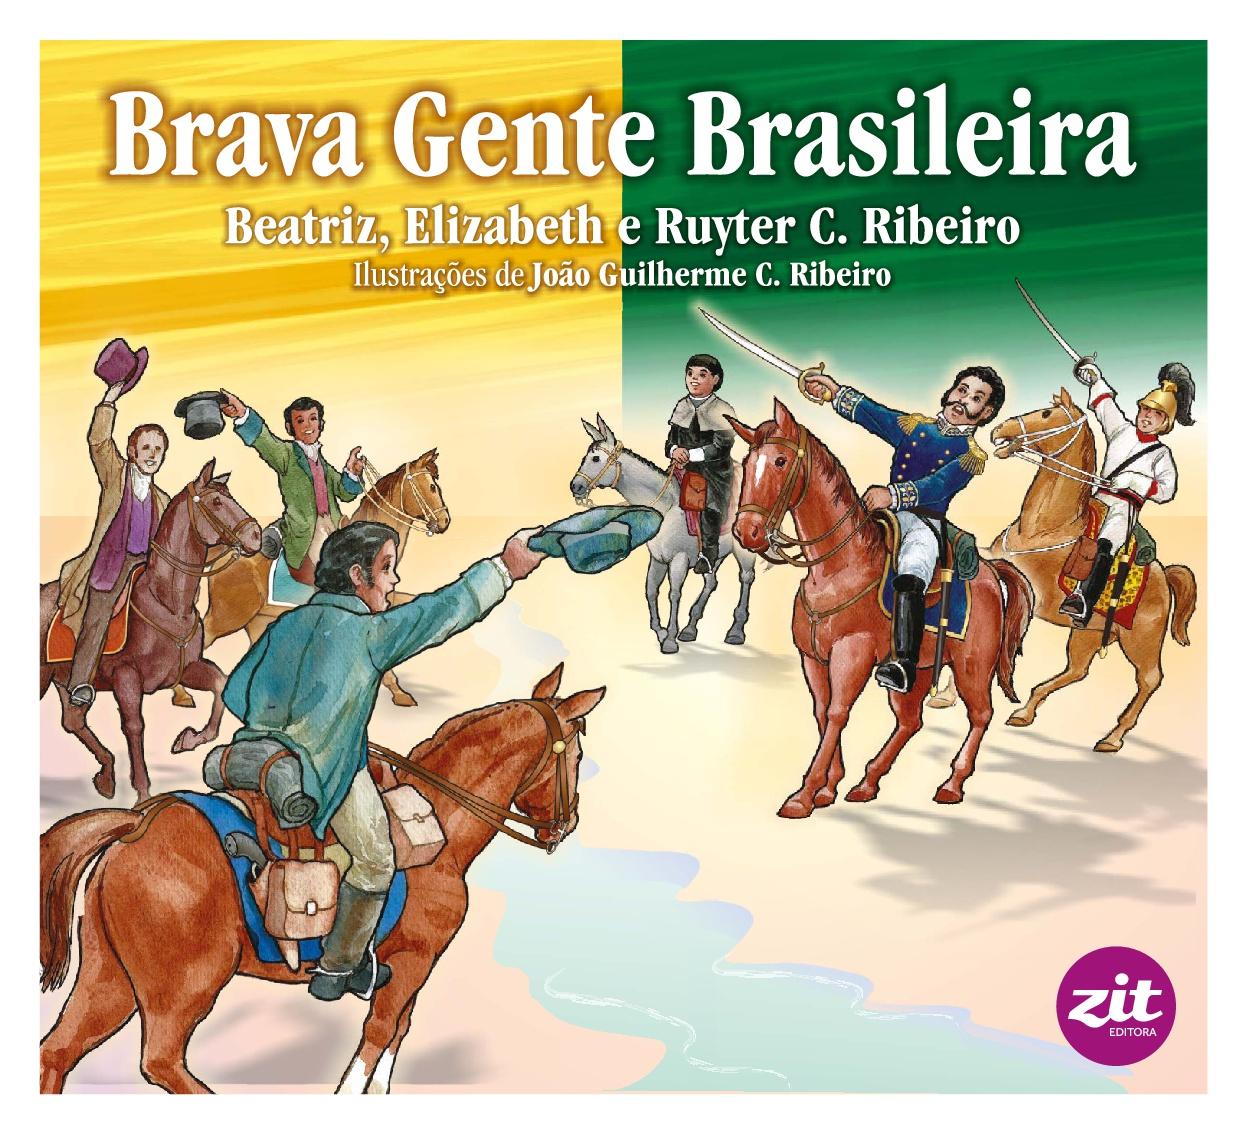 Brava-gente-brasileira_Leiturinha2-001